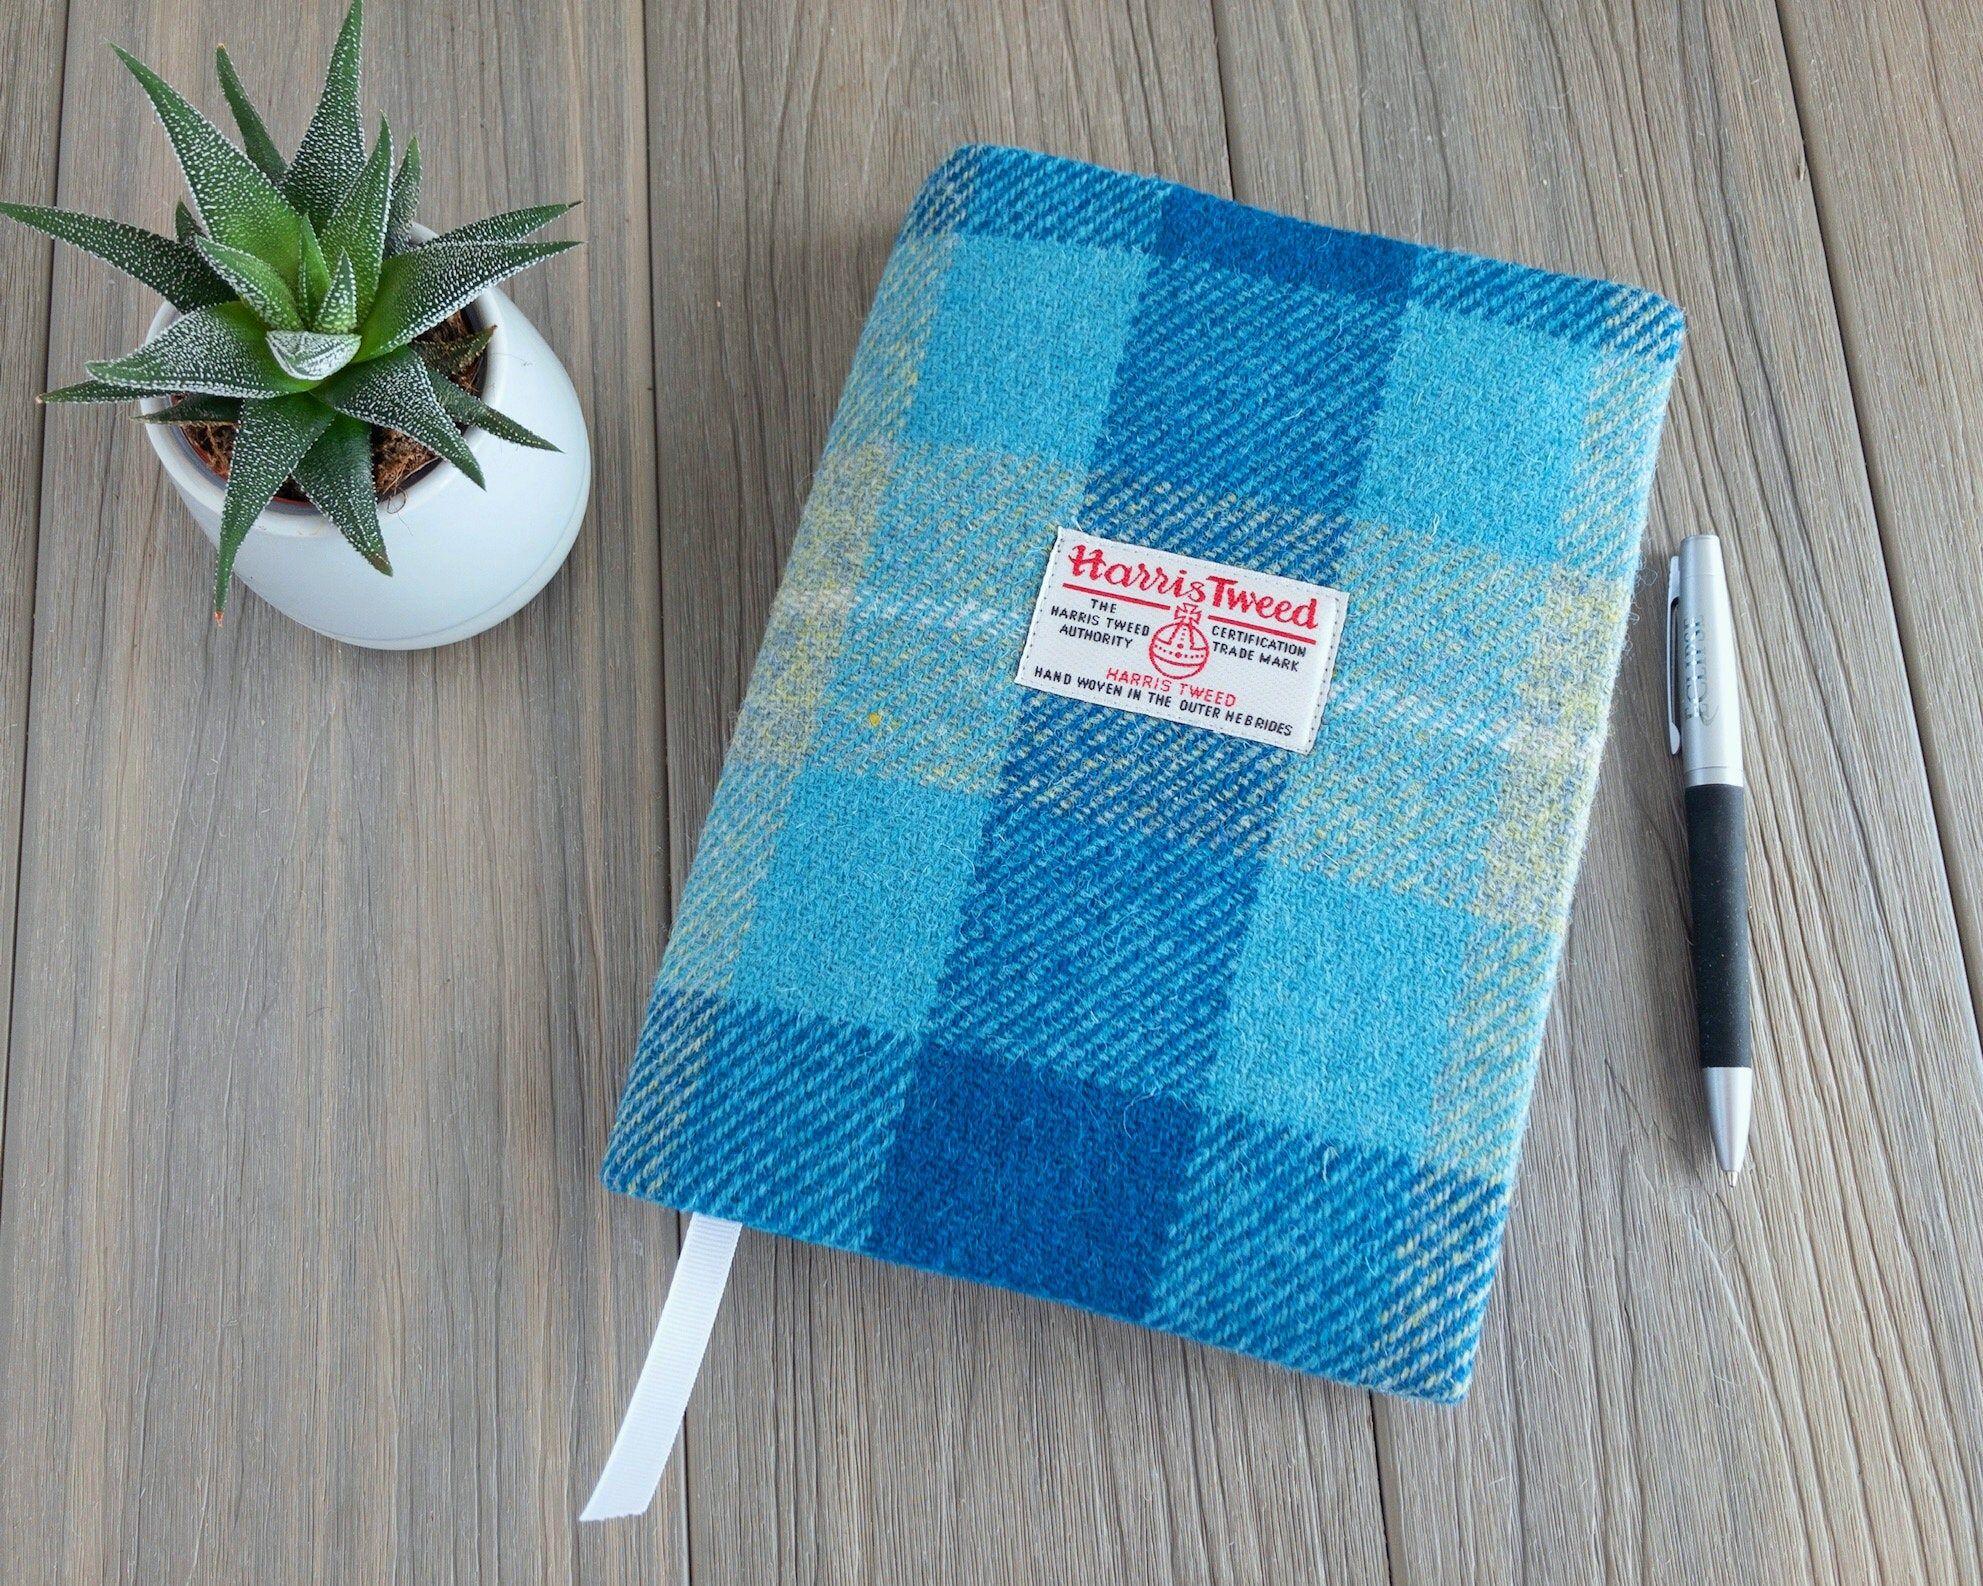 Harris Tweed A5 reusable notebook cover, Harris Tweed journal